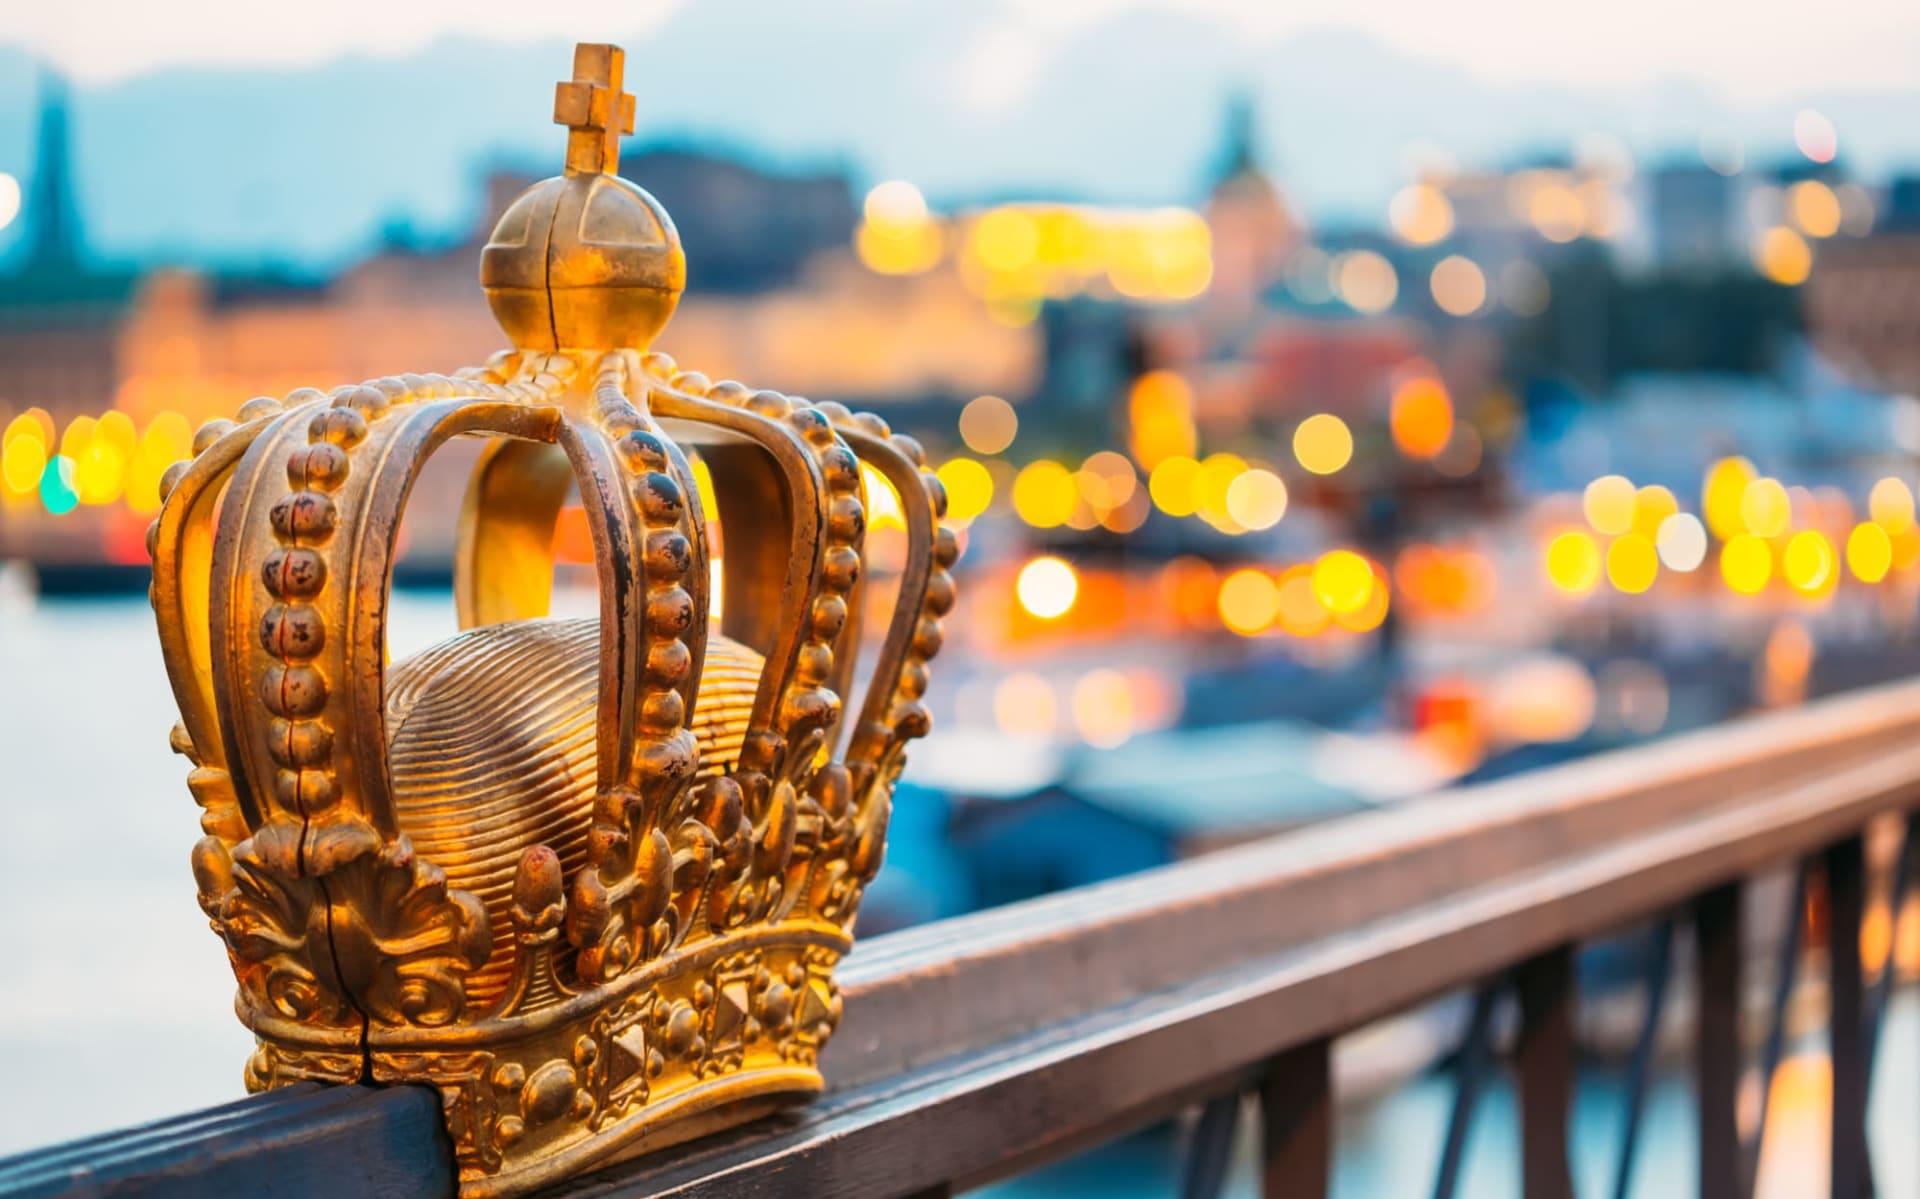 Hotel Scandic Grand Central in Stockholm: Skeppsholmsbron (Skeppsholm Bridge) mit seiner berühmten Goldenen Krone in Stockholm